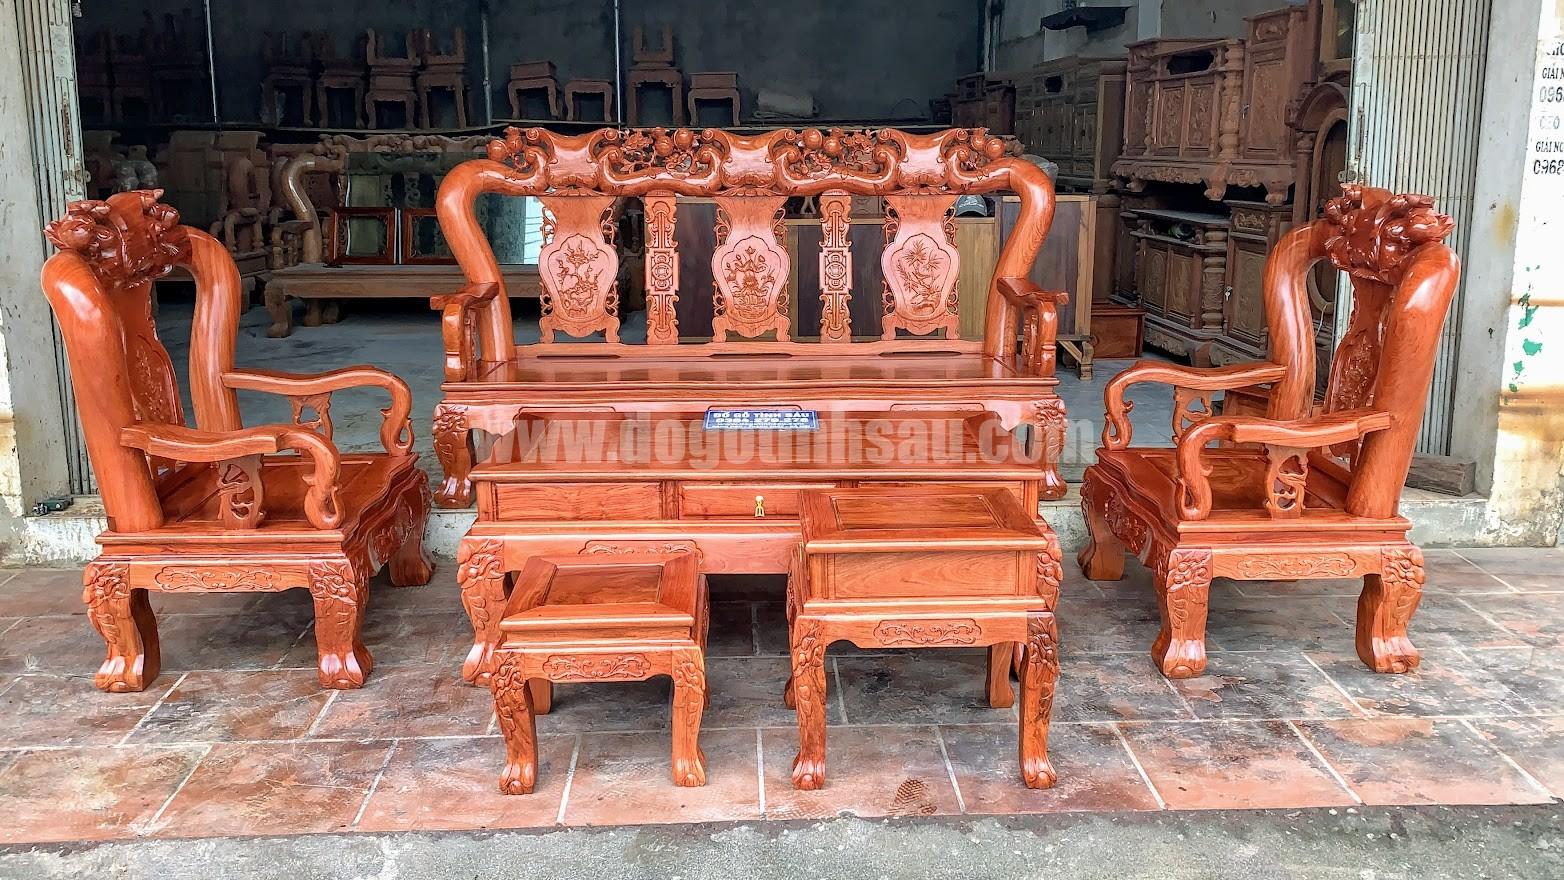 bo ban ghe minh quoc cot 12 go huong da - Bộ ghế tay 12 gỗ hương đá Minh Quốc đào